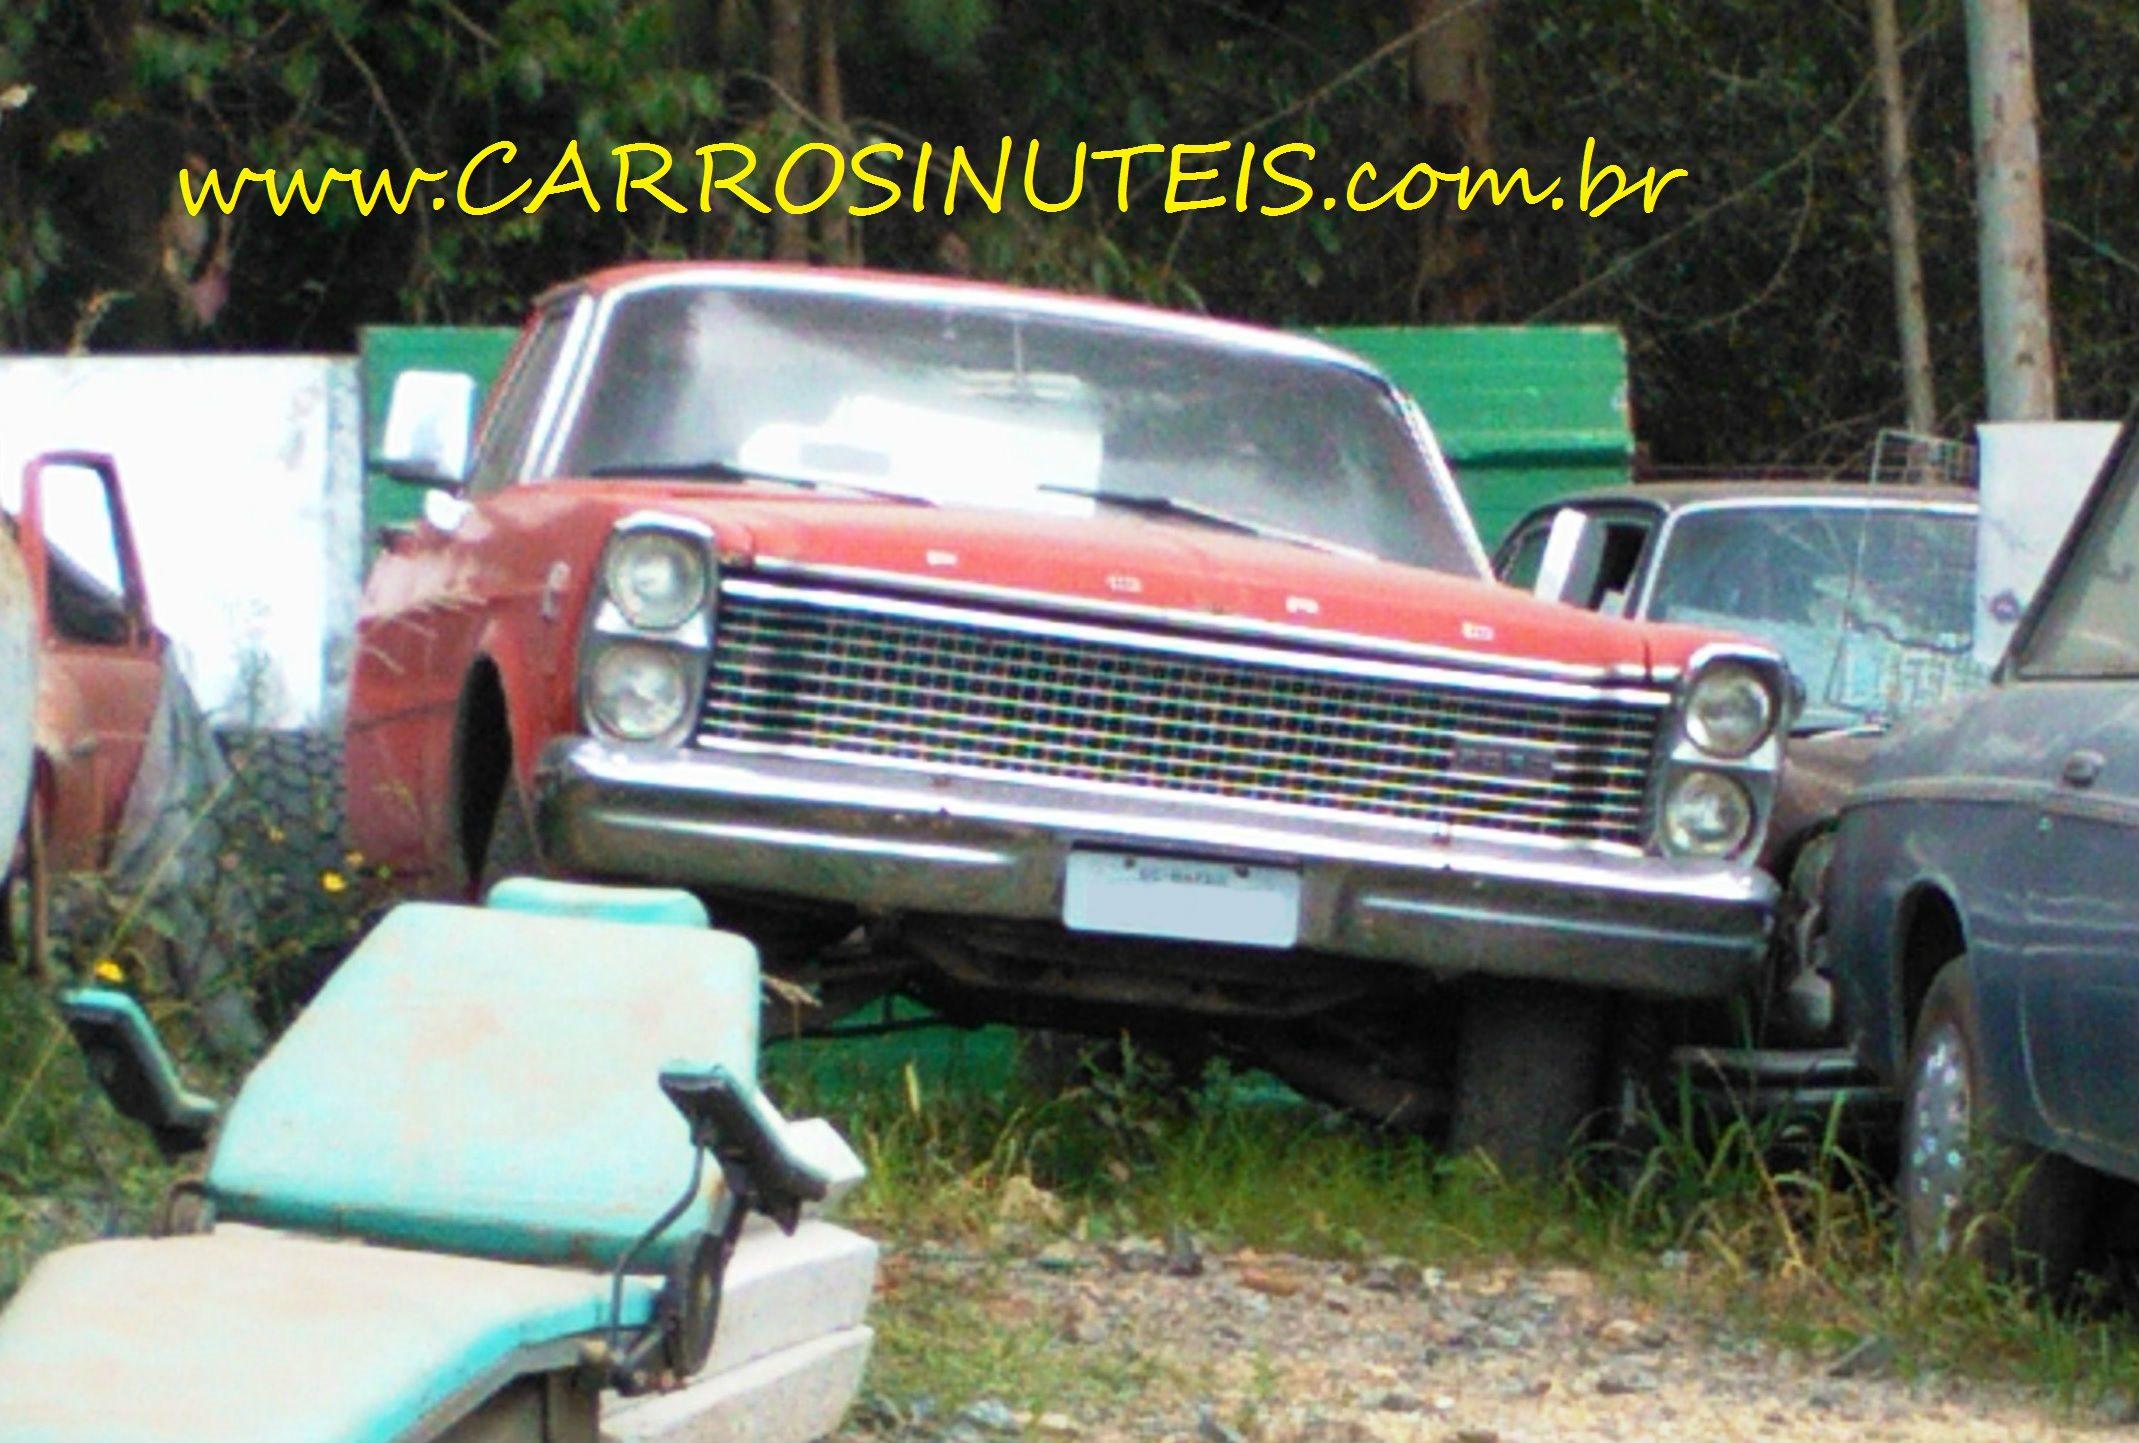 Danilo-Niespodzinski-RioNegrinho-.SC04 Ford Galaxie, Rio Negrinho, SC. Foto de Danilo Niespodzinski.